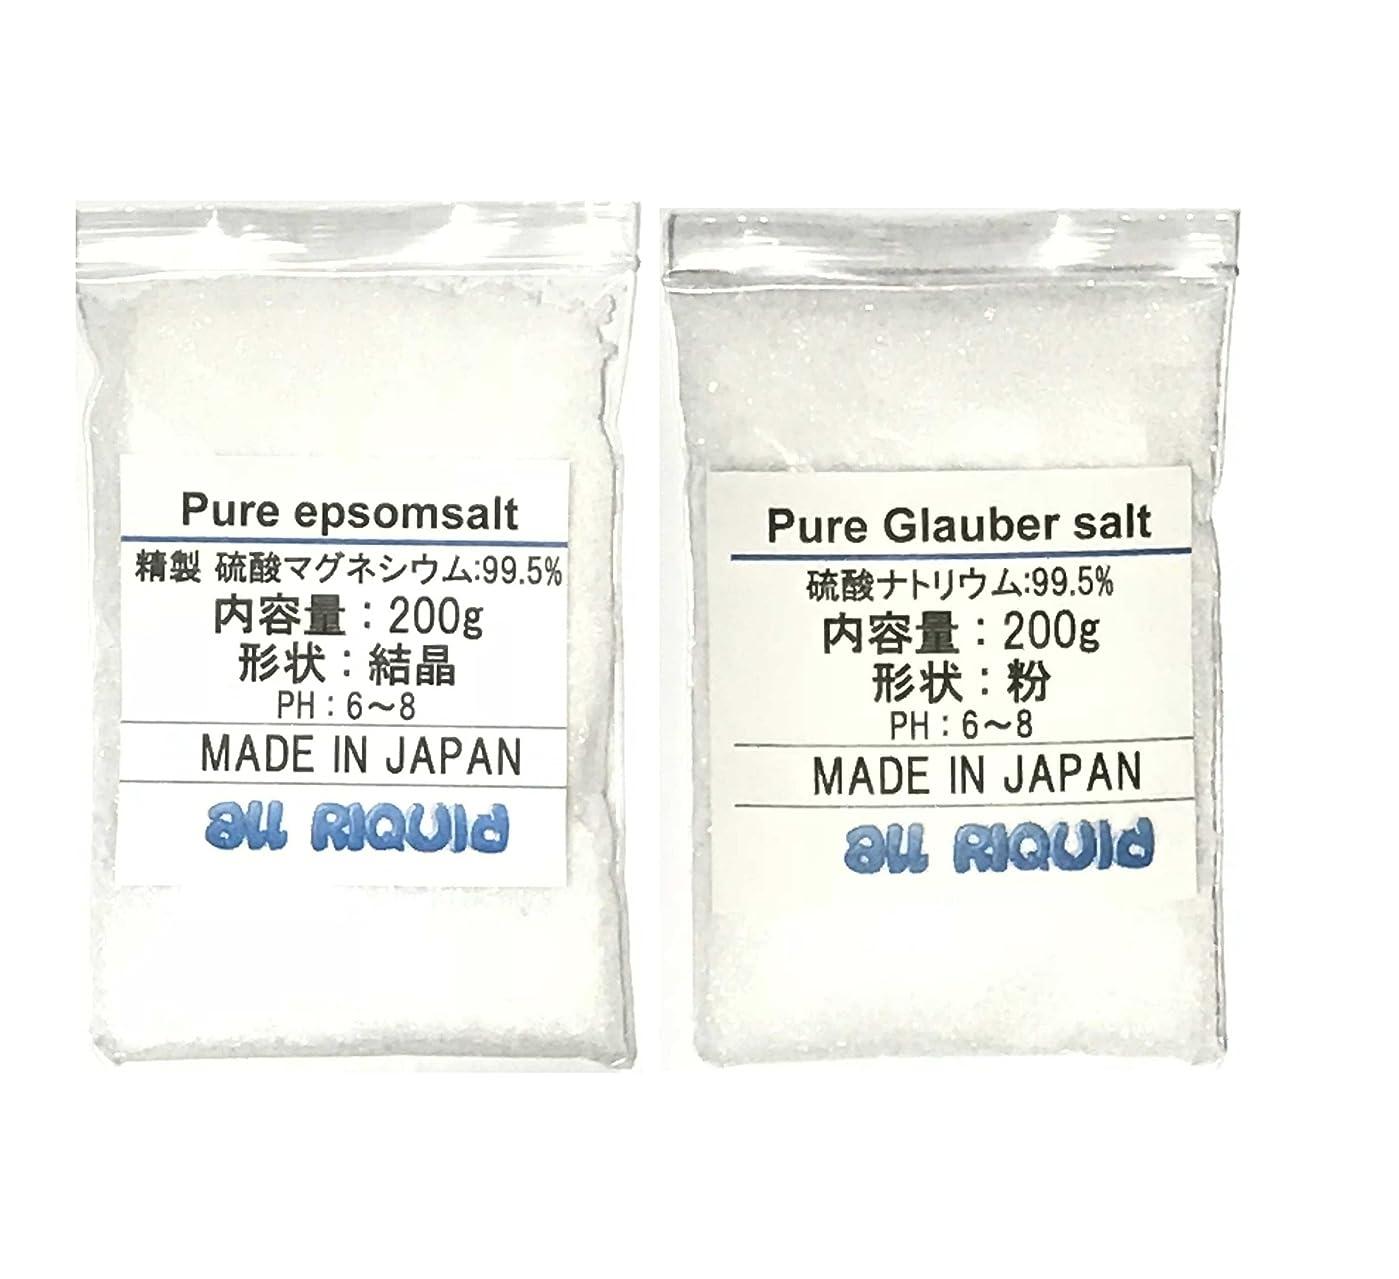 年金ただ非効率的な純 エプソムソルト グラウバーソルト 200g 1セット (硫酸マグネシウム?硫酸ナトリウム) 国産品 オールリキッド 芒硝